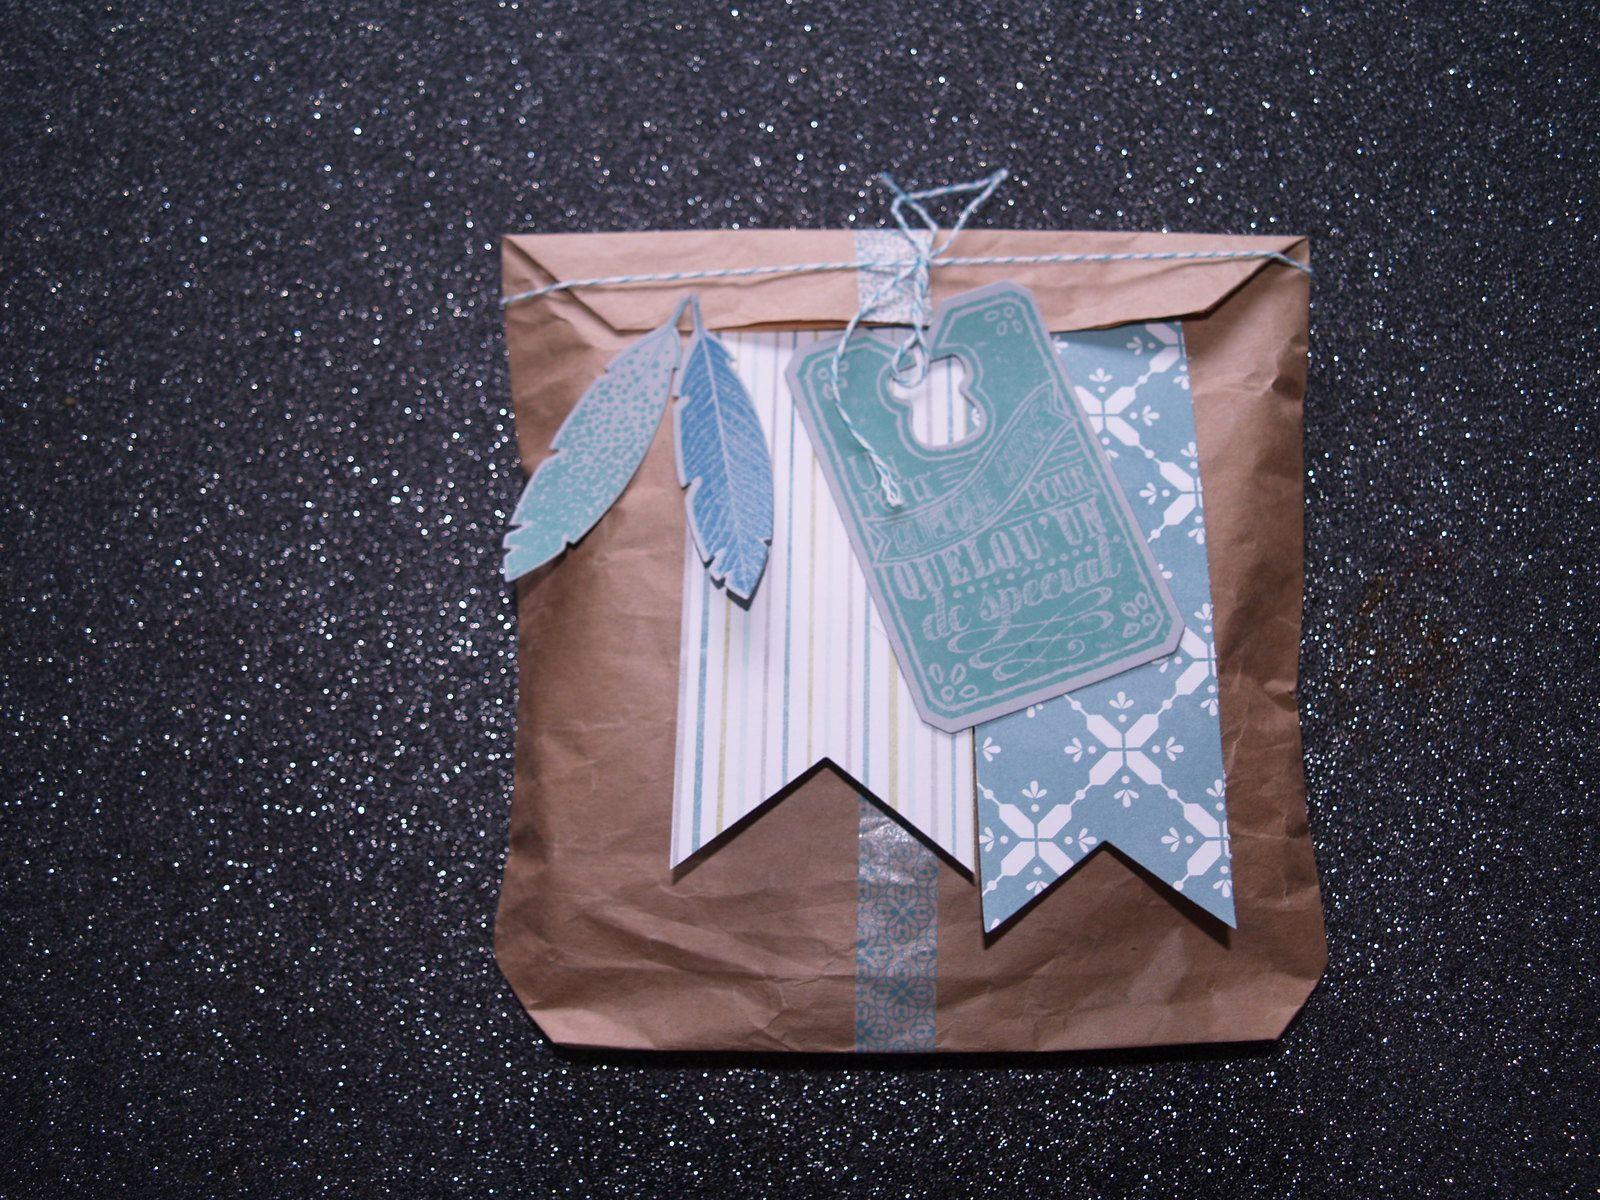 framelits plume et ses tampons assortis&#x3B; framelits tableau noir et ses tampons&#x3B; framelits bannière.